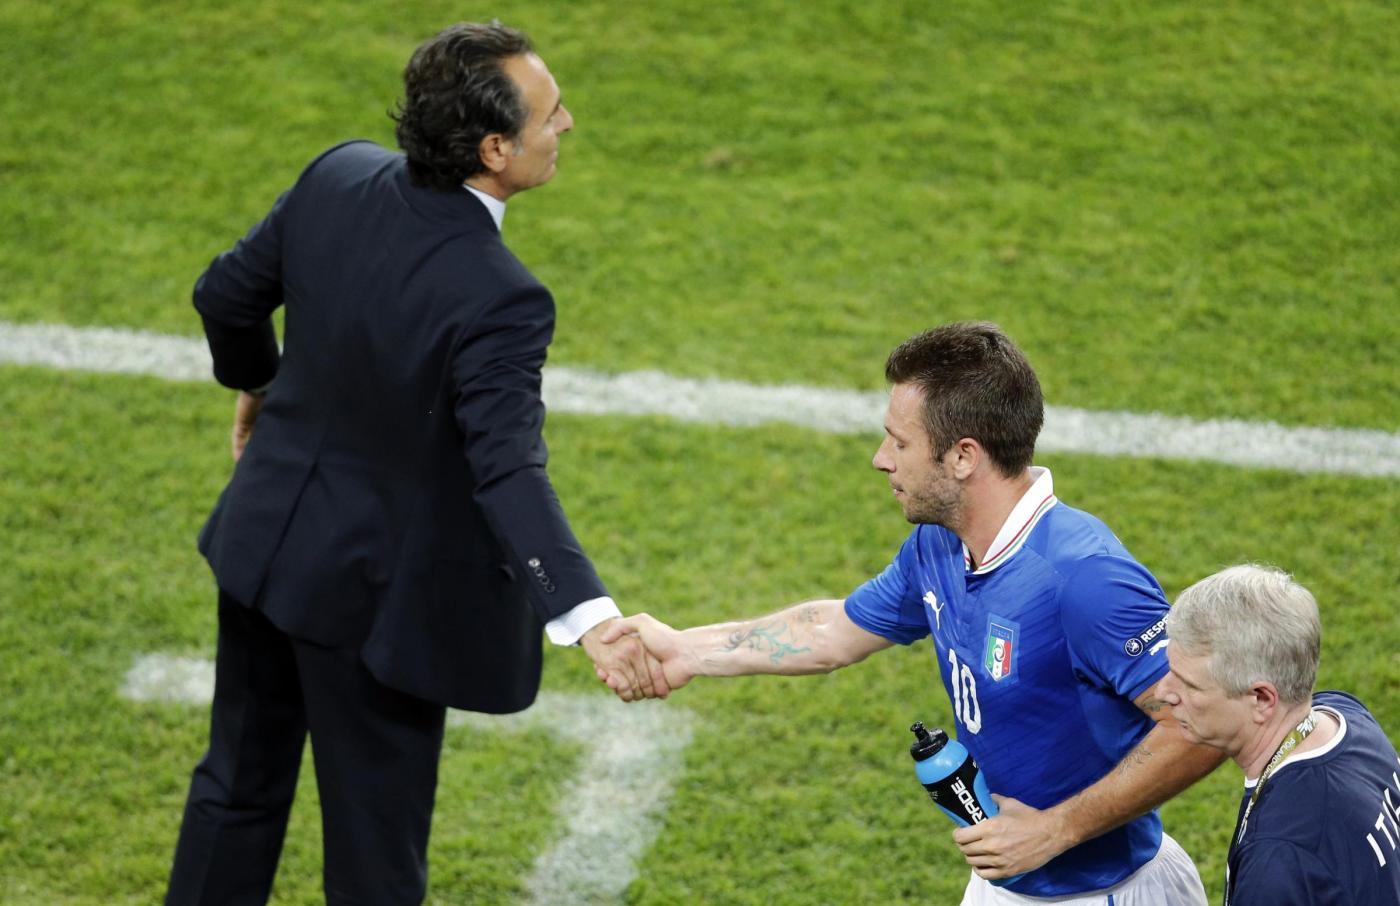 Mondiali 2014: i convocati da Prandelli per lo stage di aprile